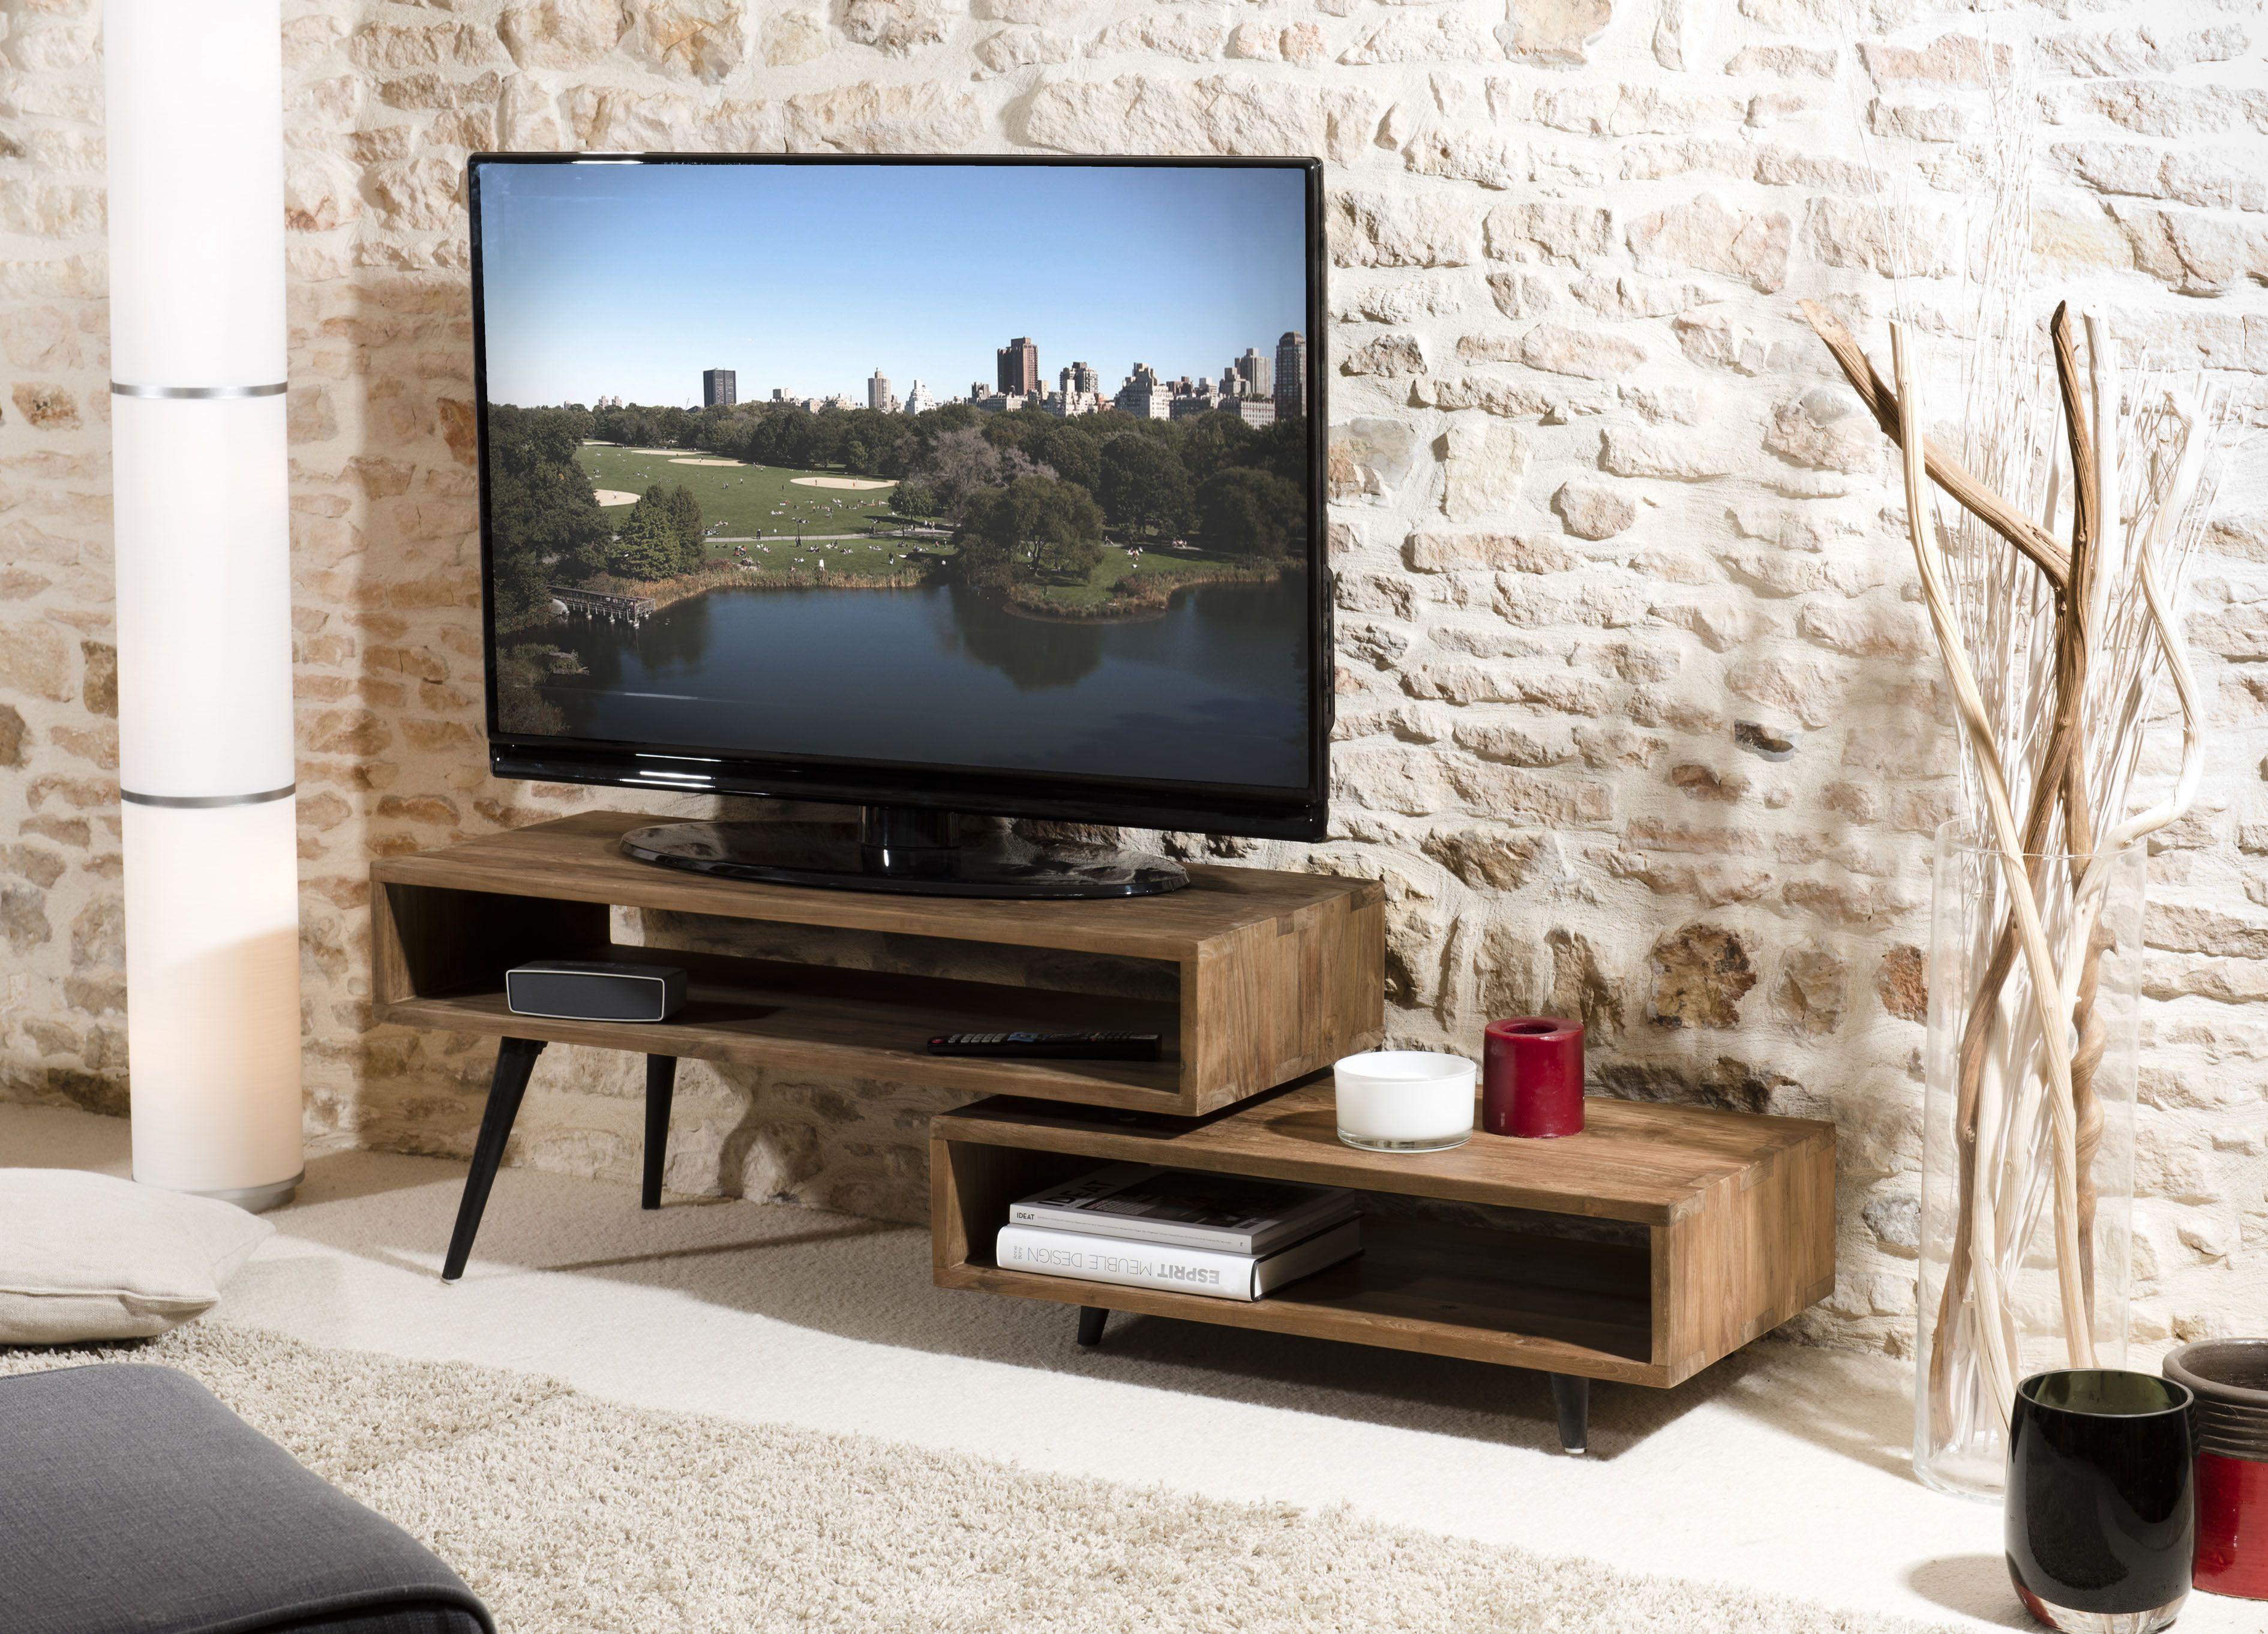 Meuble Tv Contemporain Teck Recycle Swing Meuble Tv Bois Meuble Tv Pivotant Meuble Tv